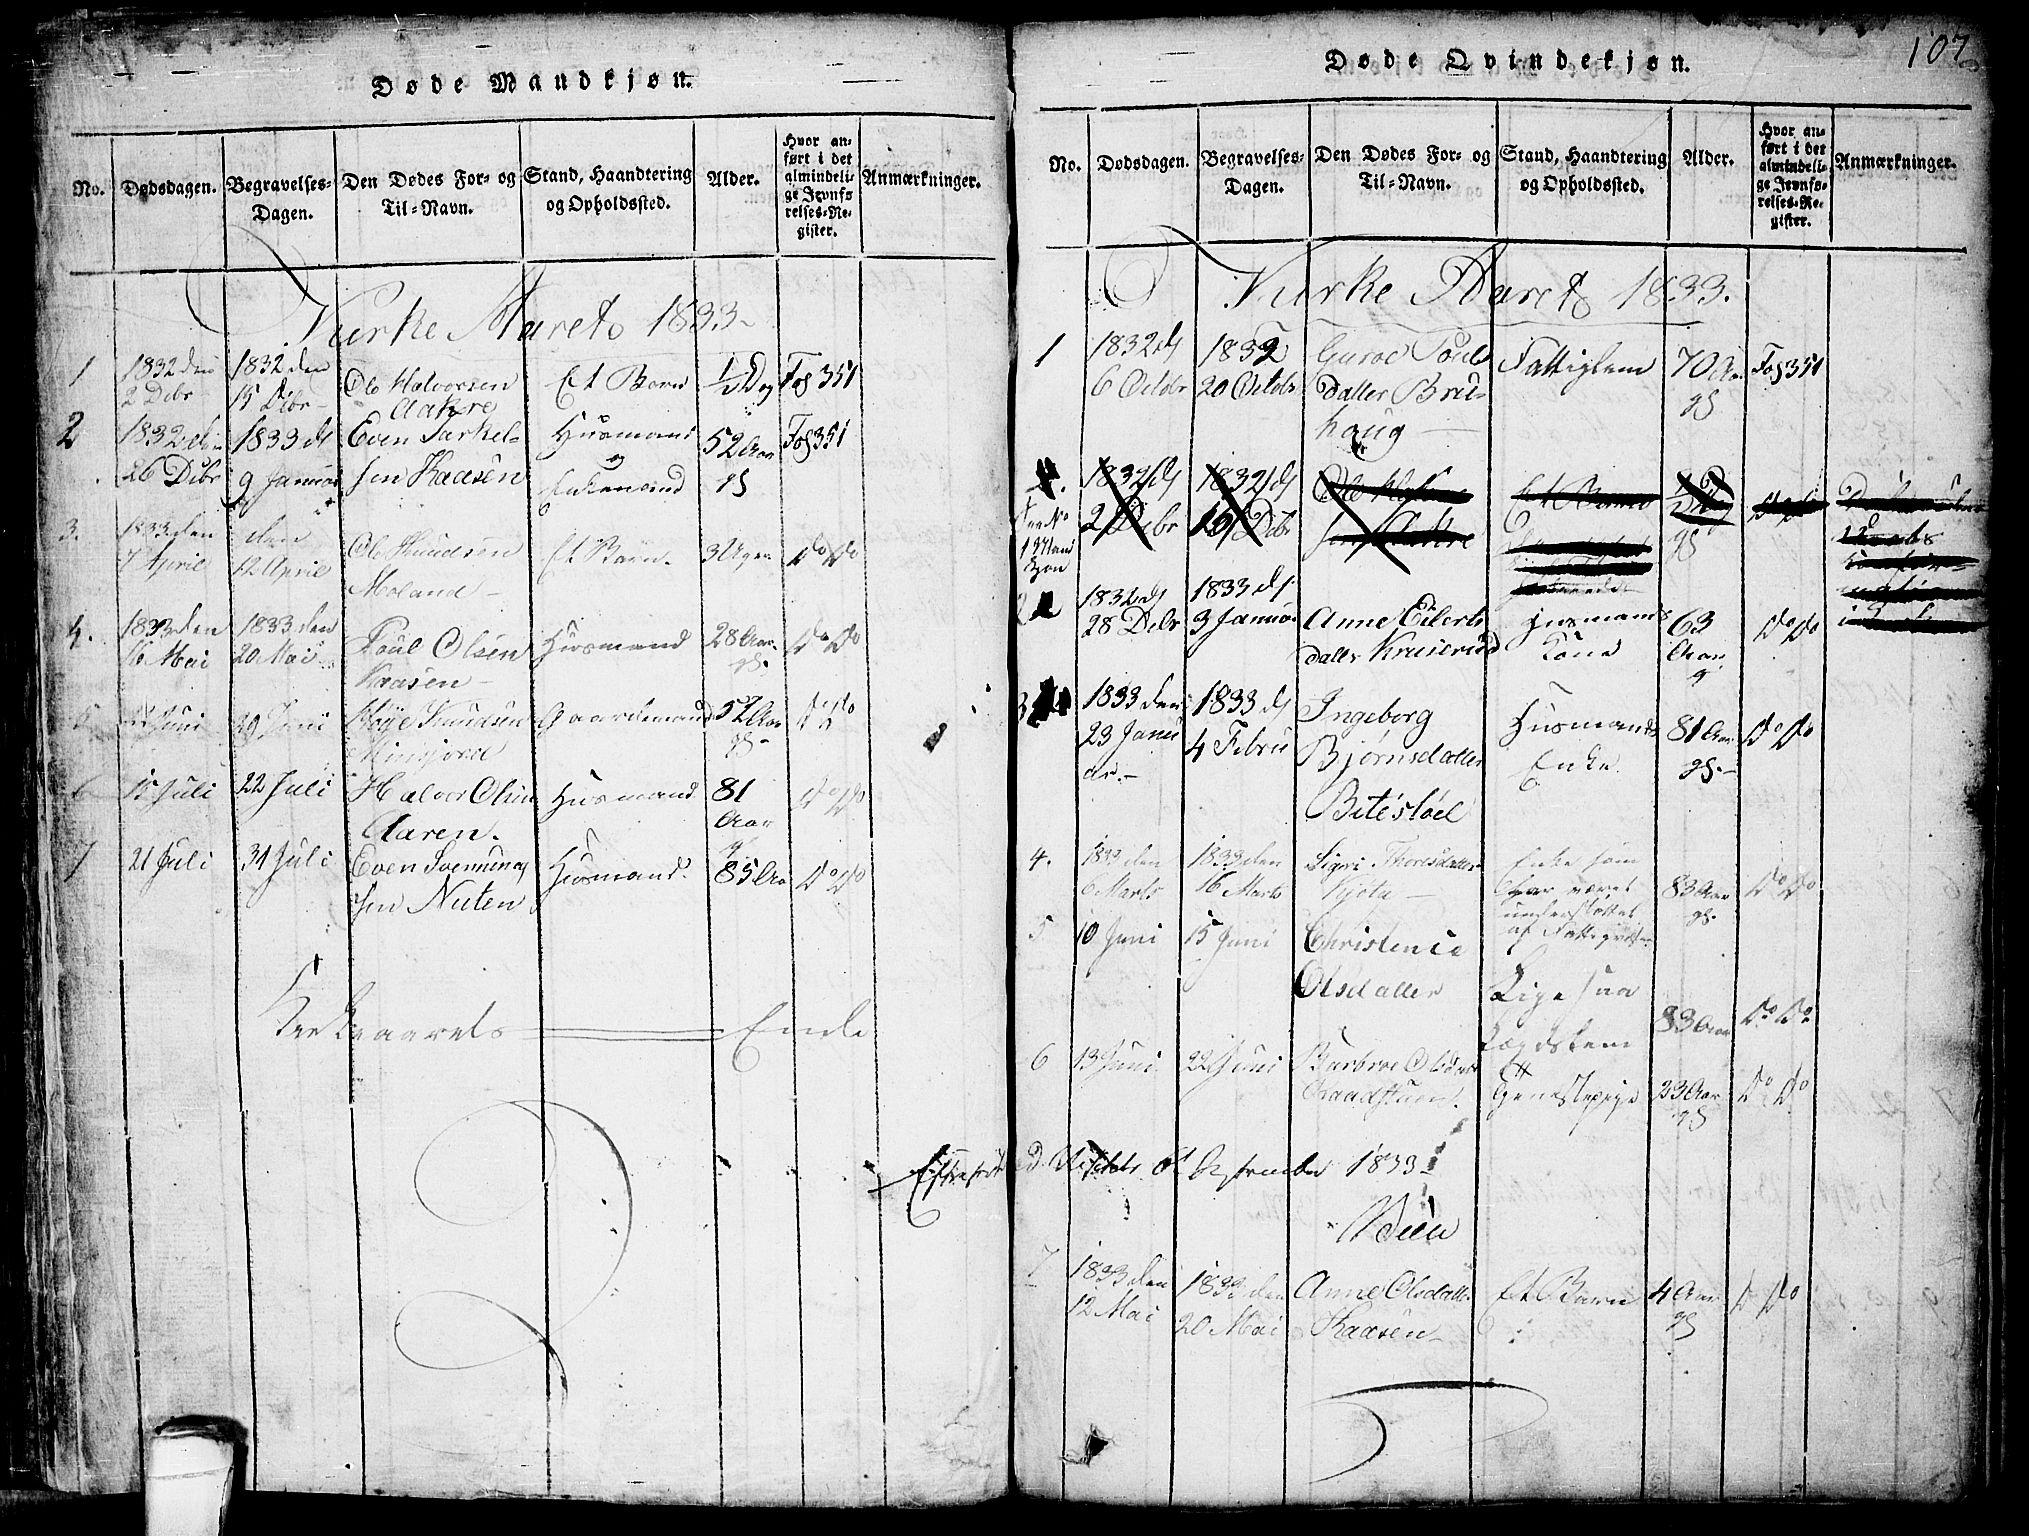 SAKO, Seljord kirkebøker, G/Gb/L0002: Klokkerbok nr. II 2, 1815-1854, s. 107